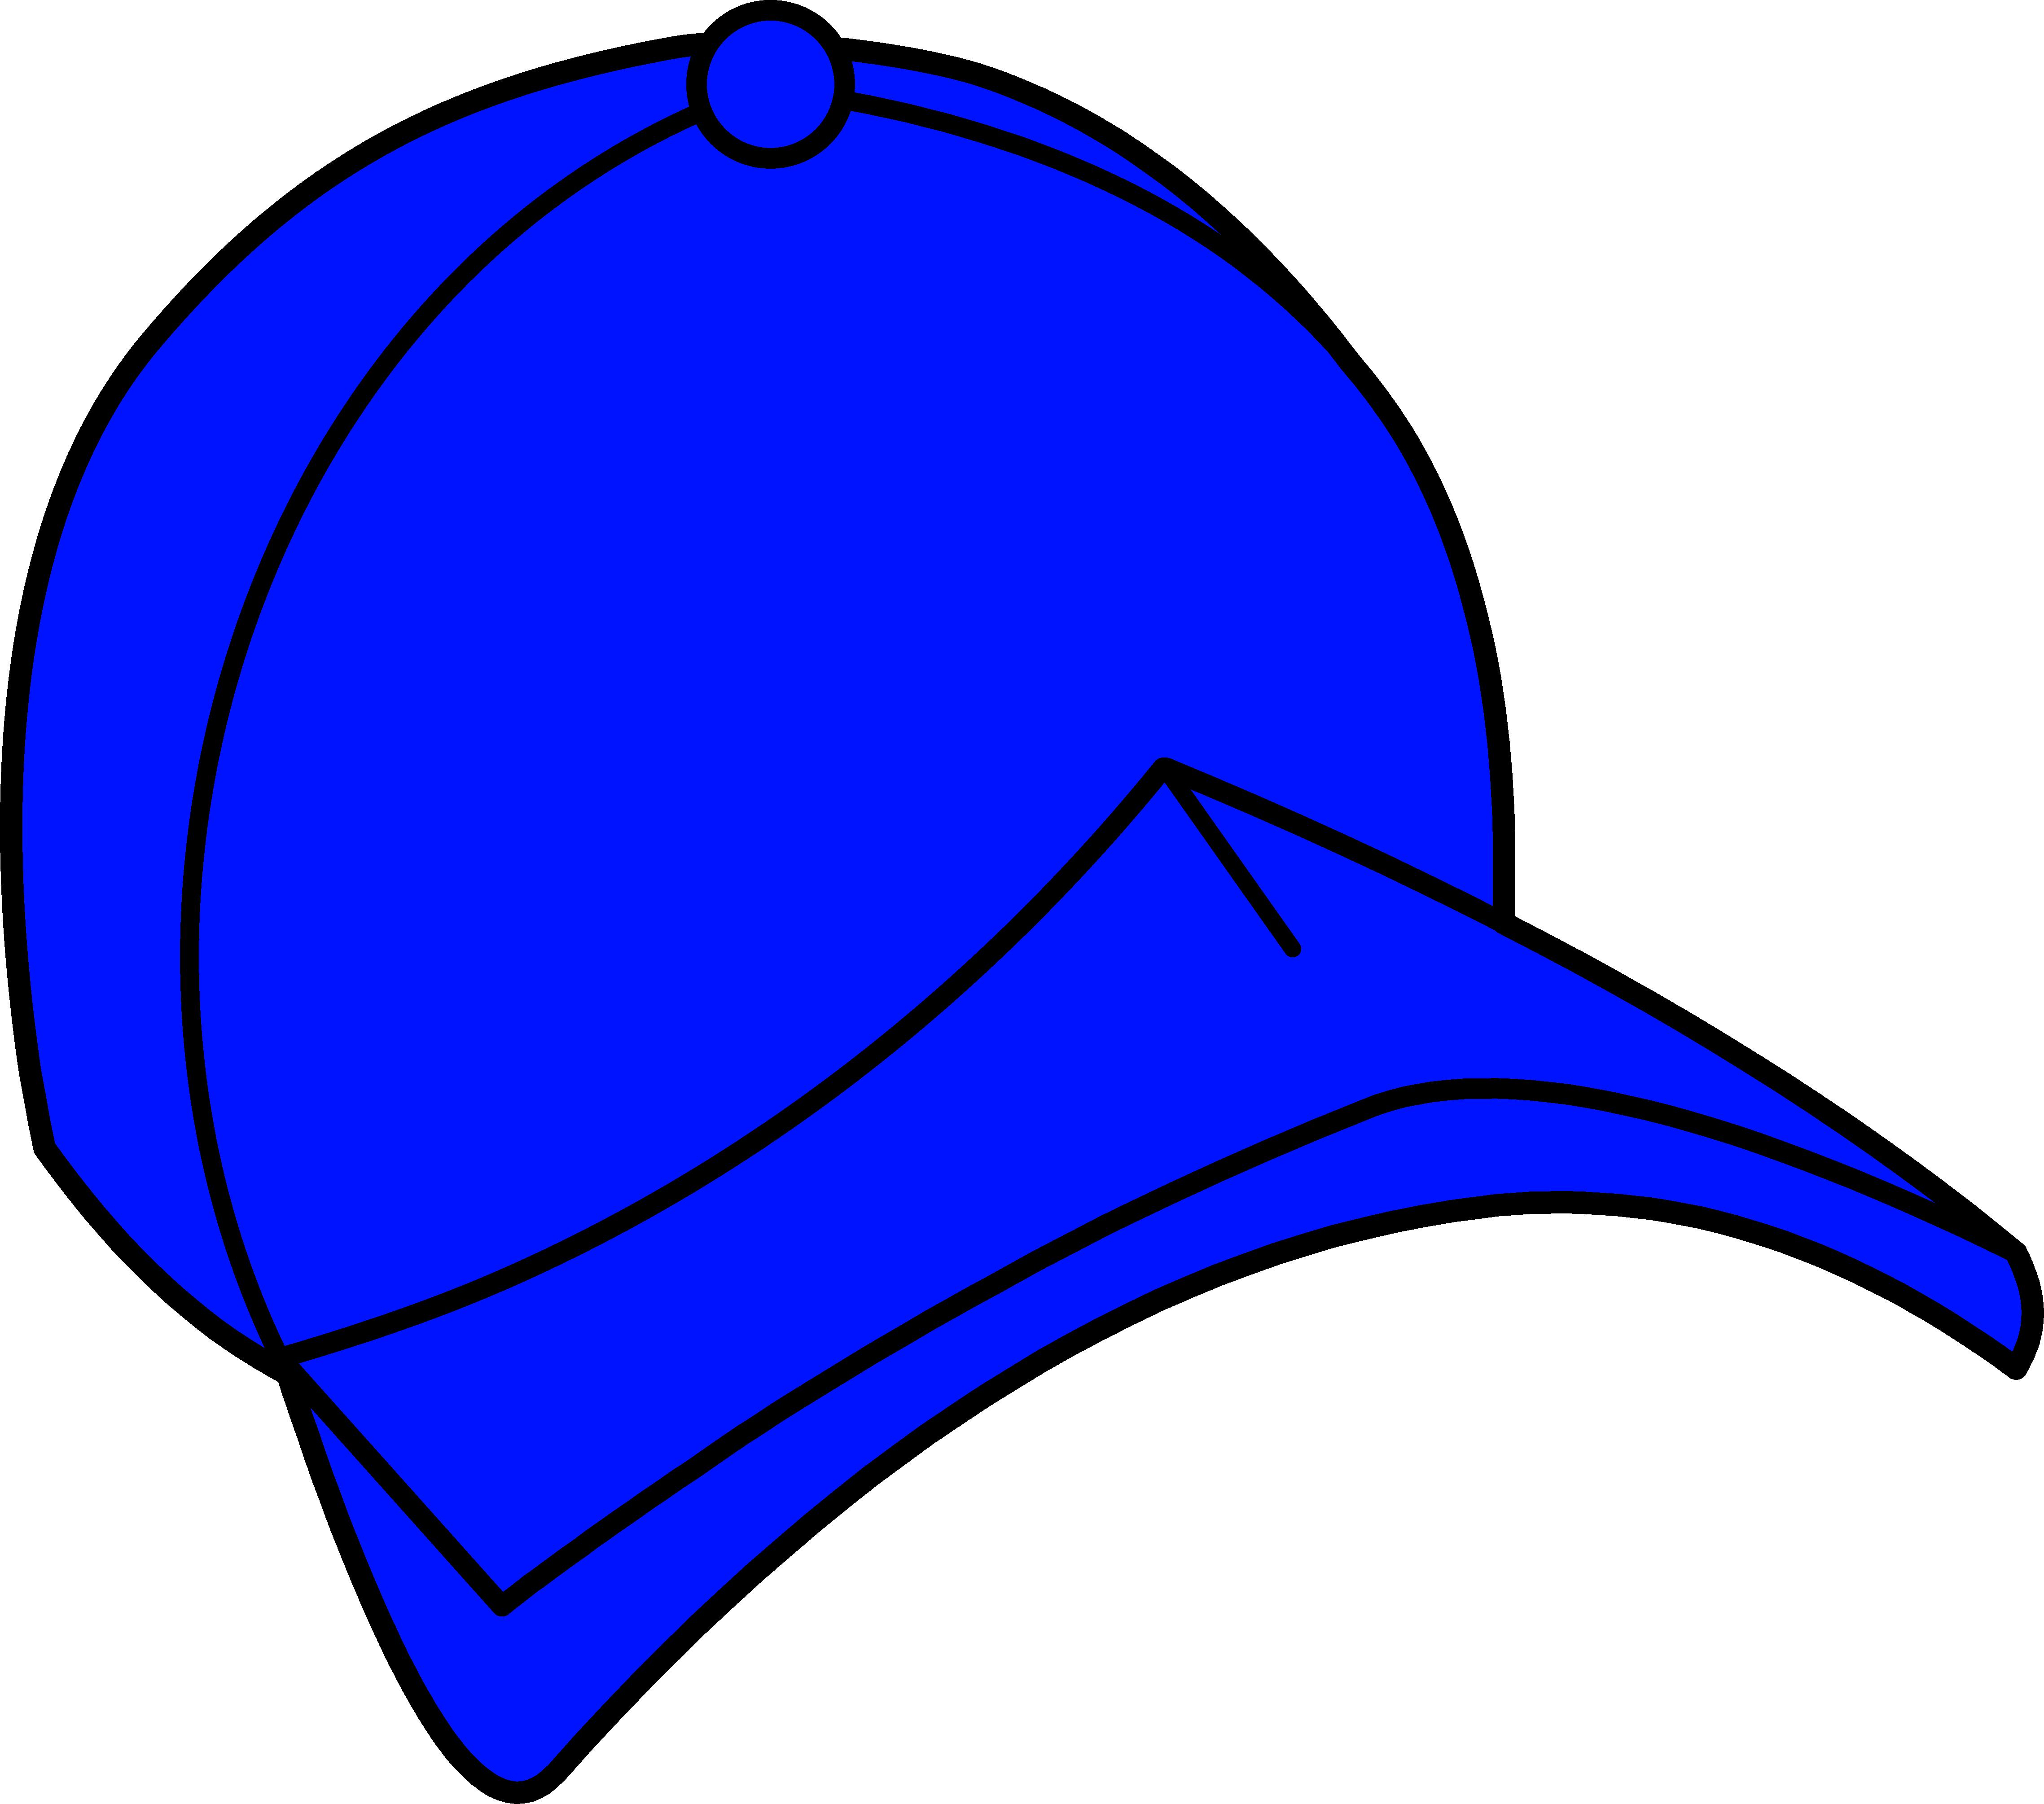 4554x4020 Blur Clipart Cowboy Hat